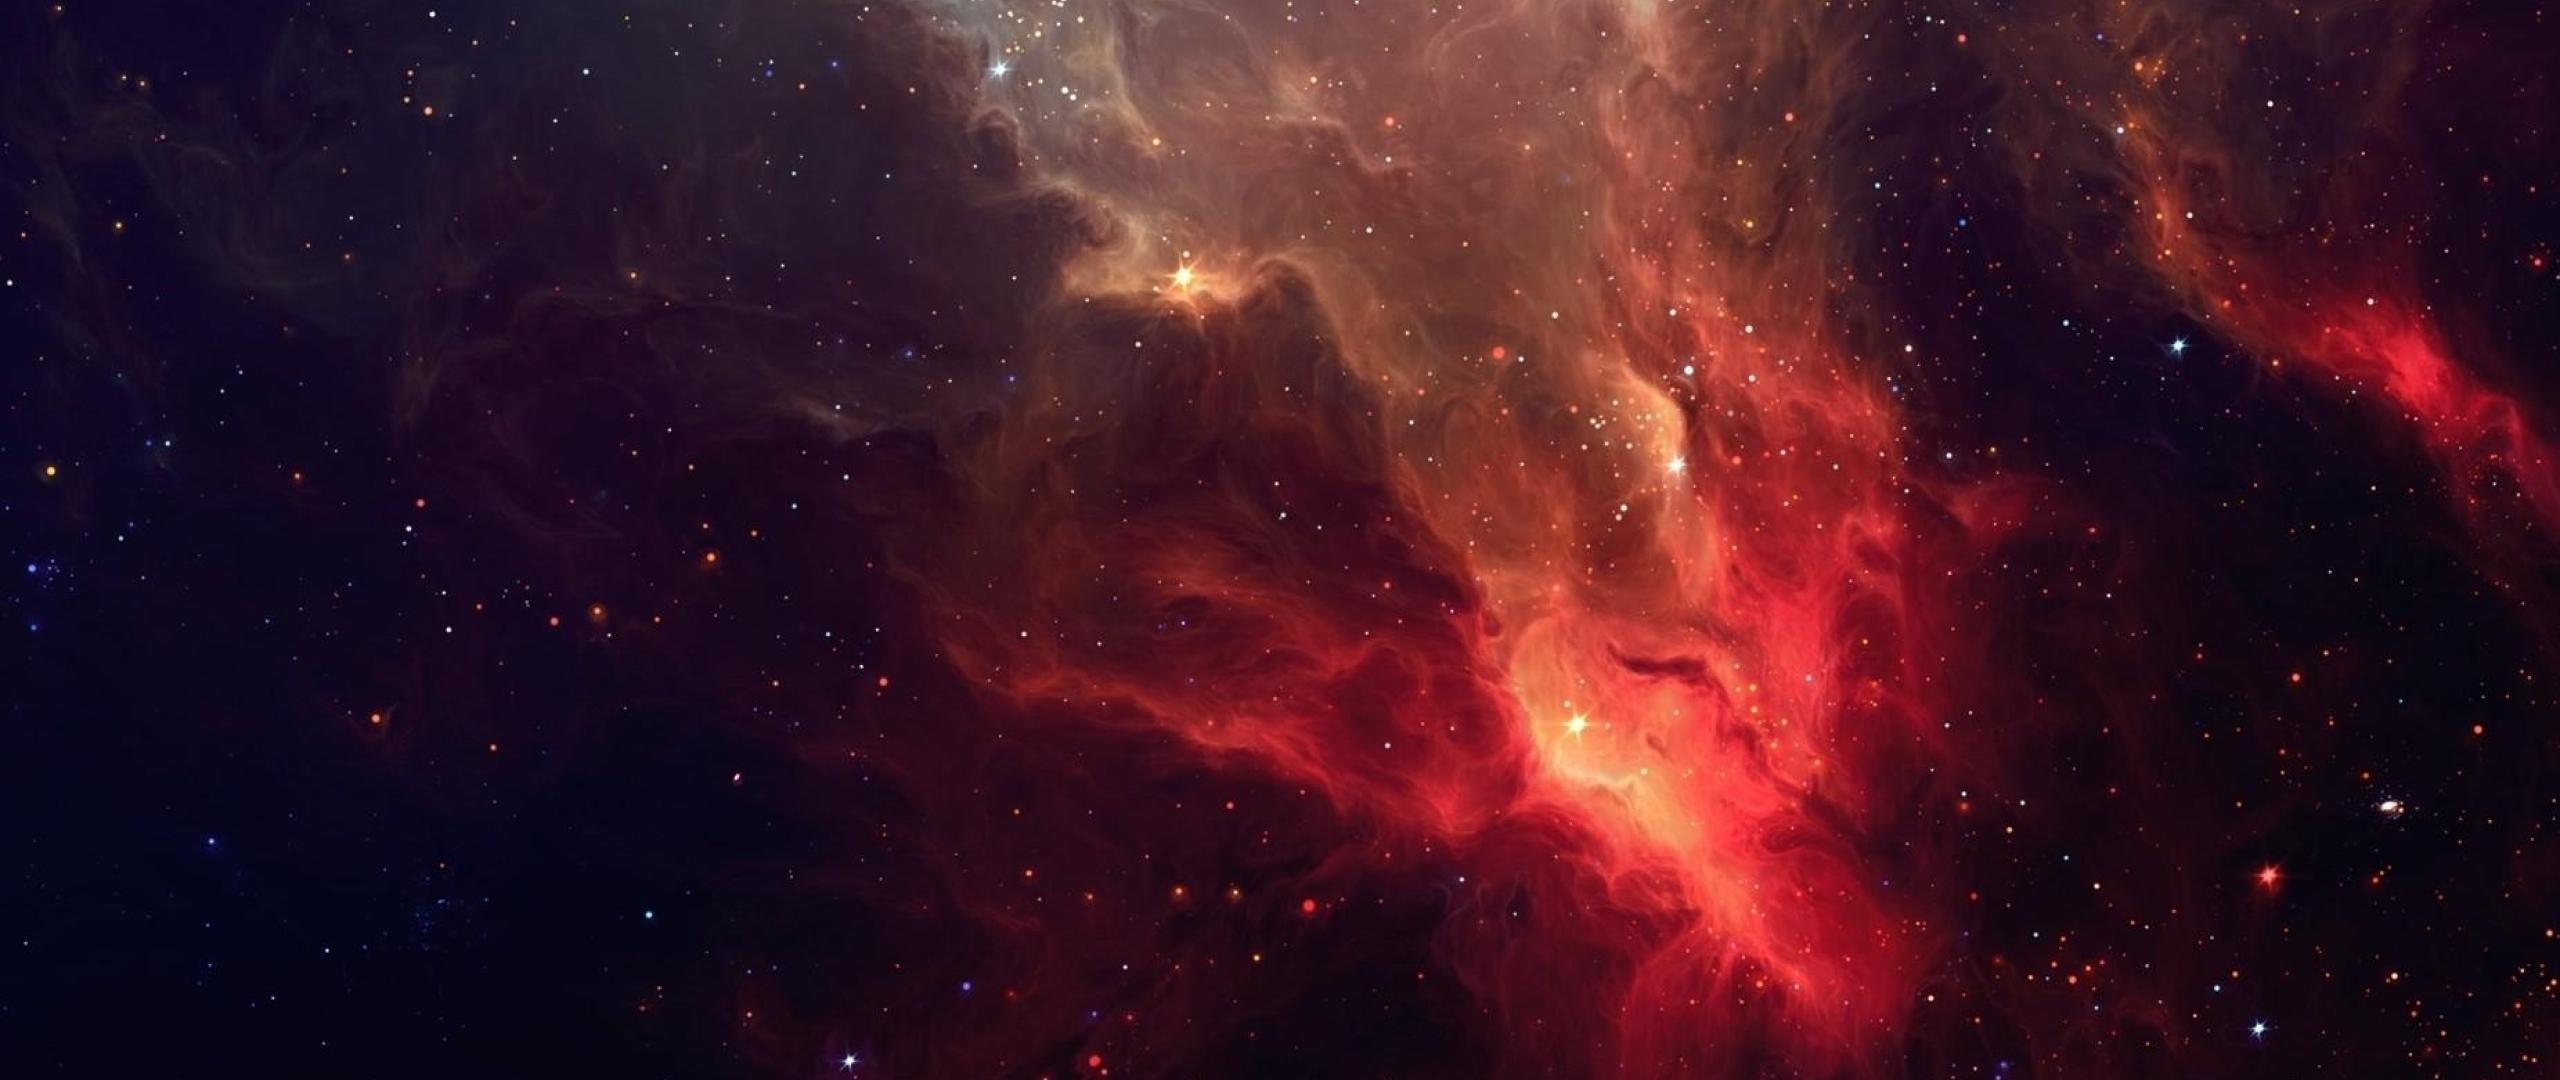 Galaxy  Stars  Light  Full Hd Wallpaper